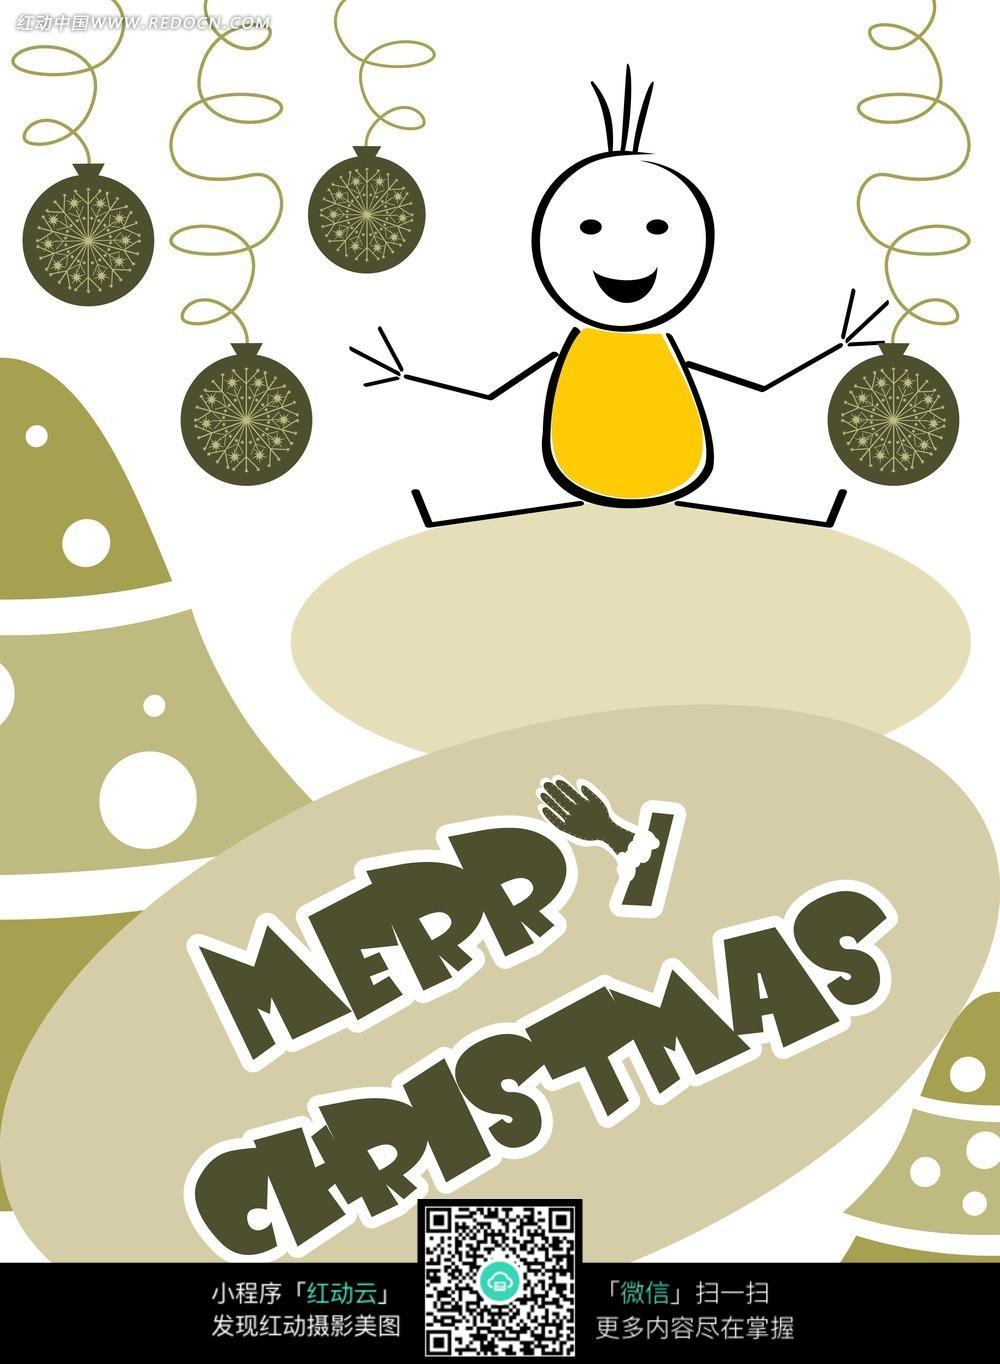 圣诞手绘卡通人物图片素材jpg